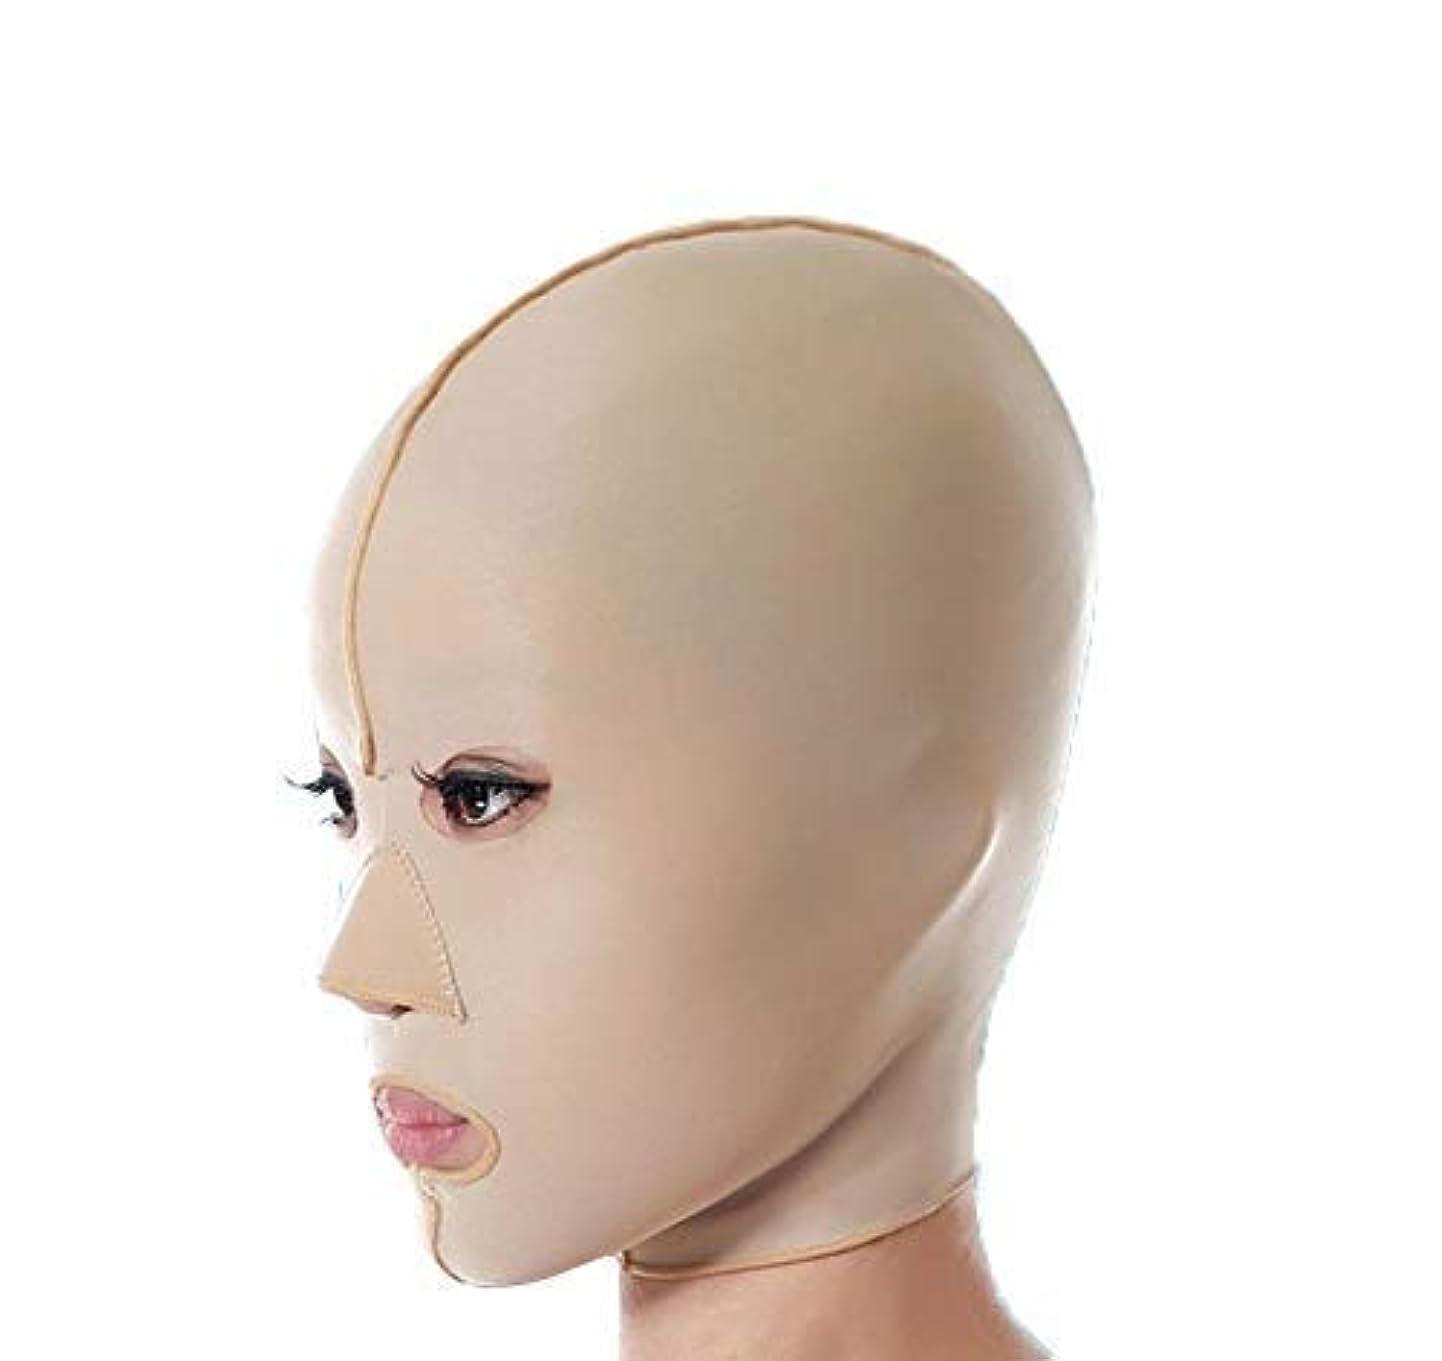 に対応する合成ミントファーミングフェイスマスク、フェイシャルマスクメディシン強力なフェイスマスクアーティファクト美容たるみ防止ロウパターンフェイシャルリフティングファーミングフルフェイスマスク(サイズ:L)